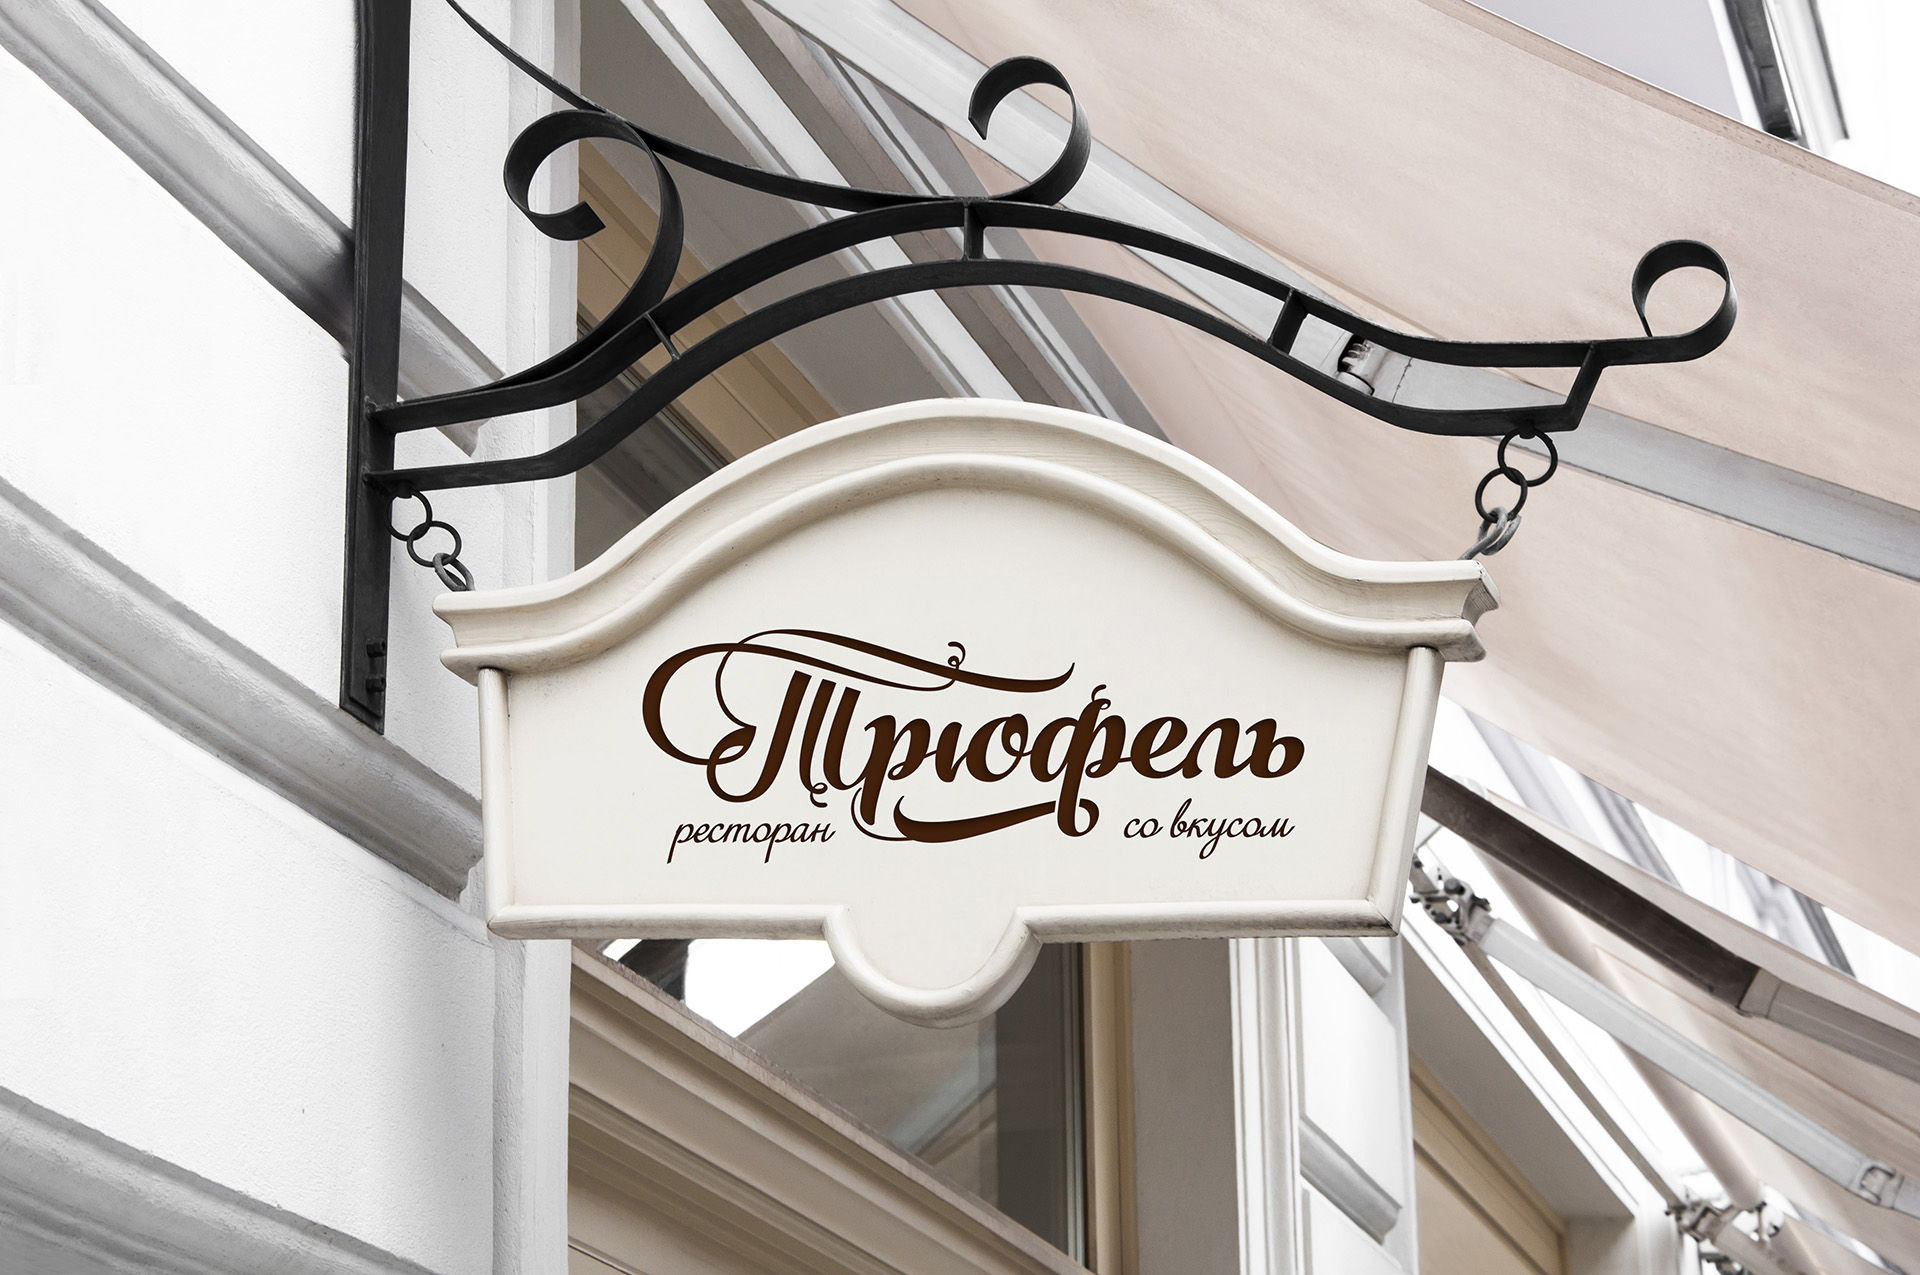 Логотип и фирменный стиль ресторана Трюфель